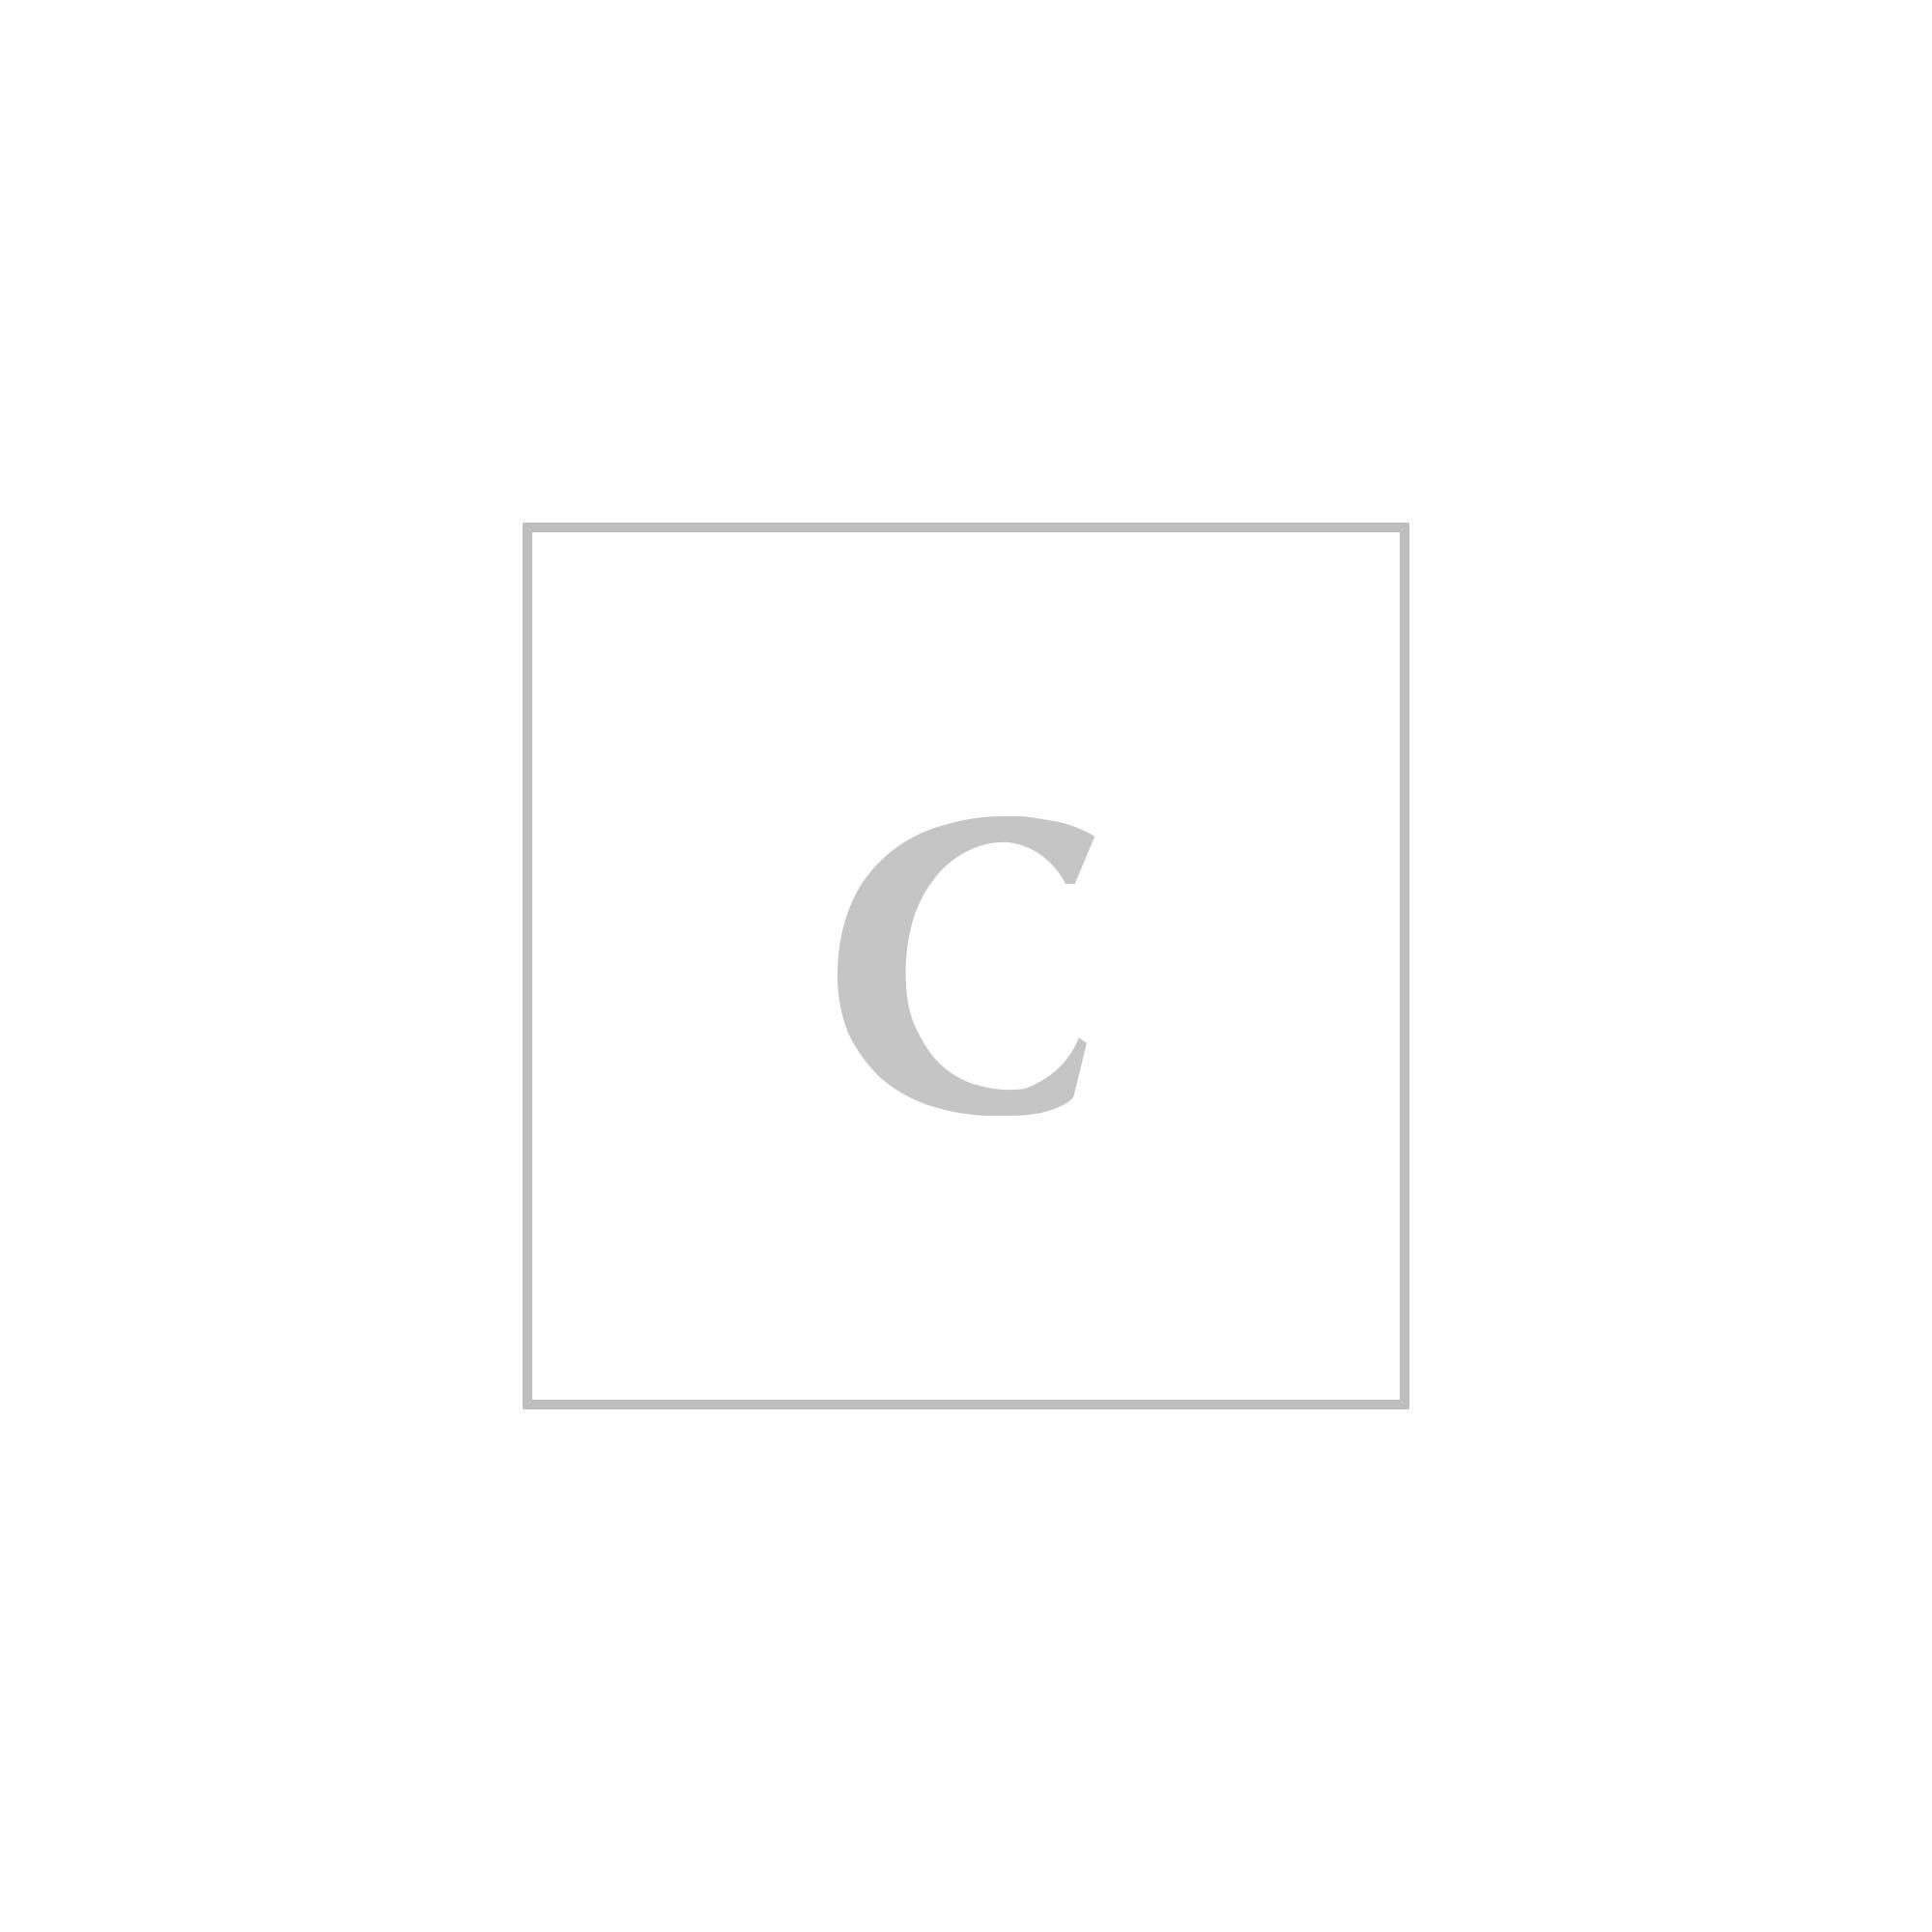 Valentino camustars wallet